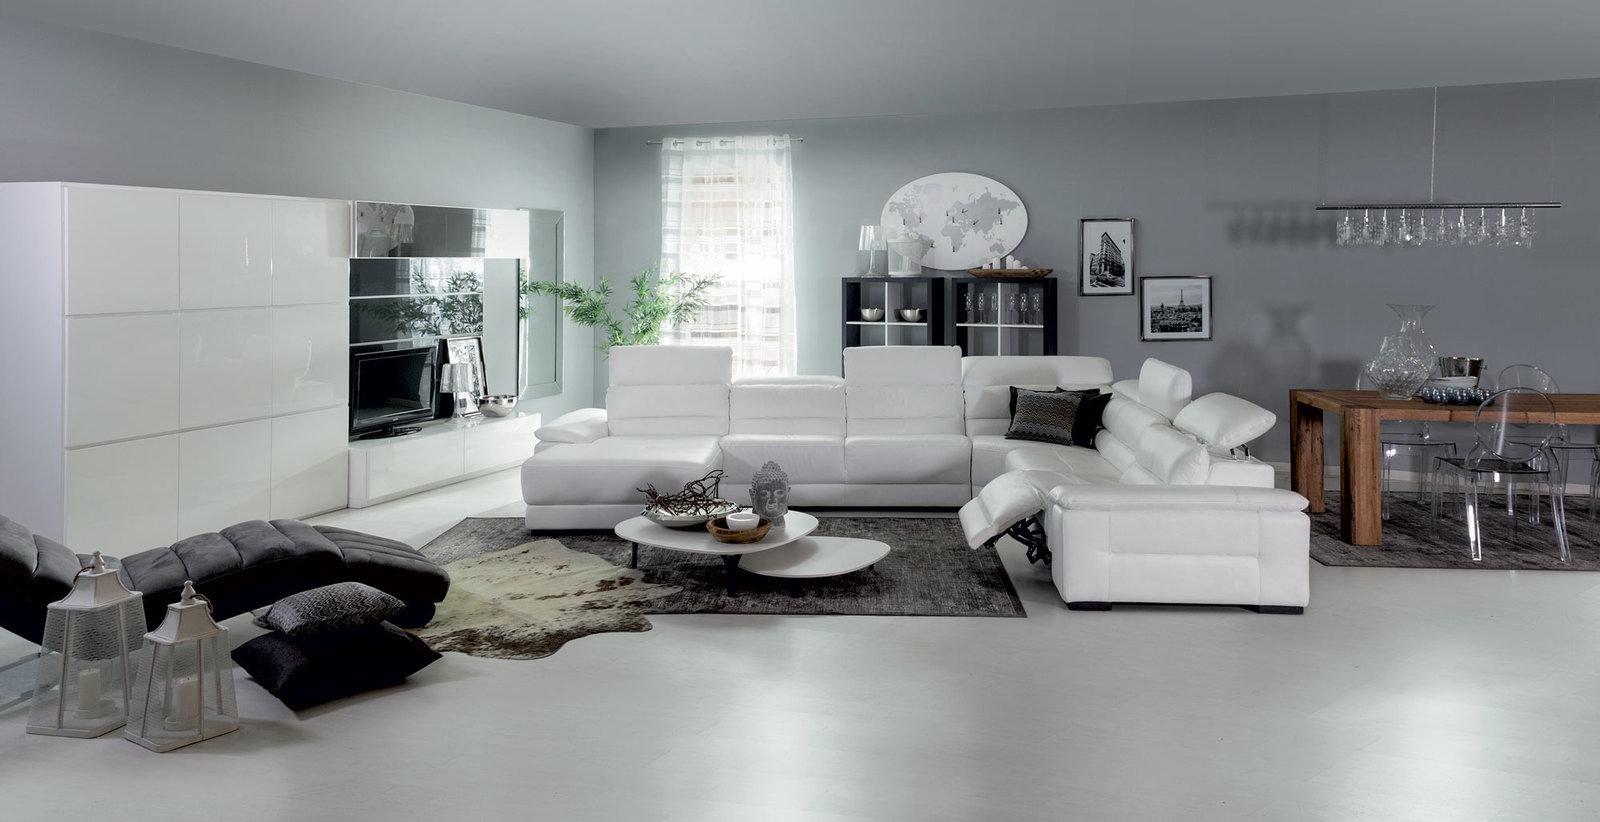 Stunning Soggiorno Semeraro Pictures  House Interior